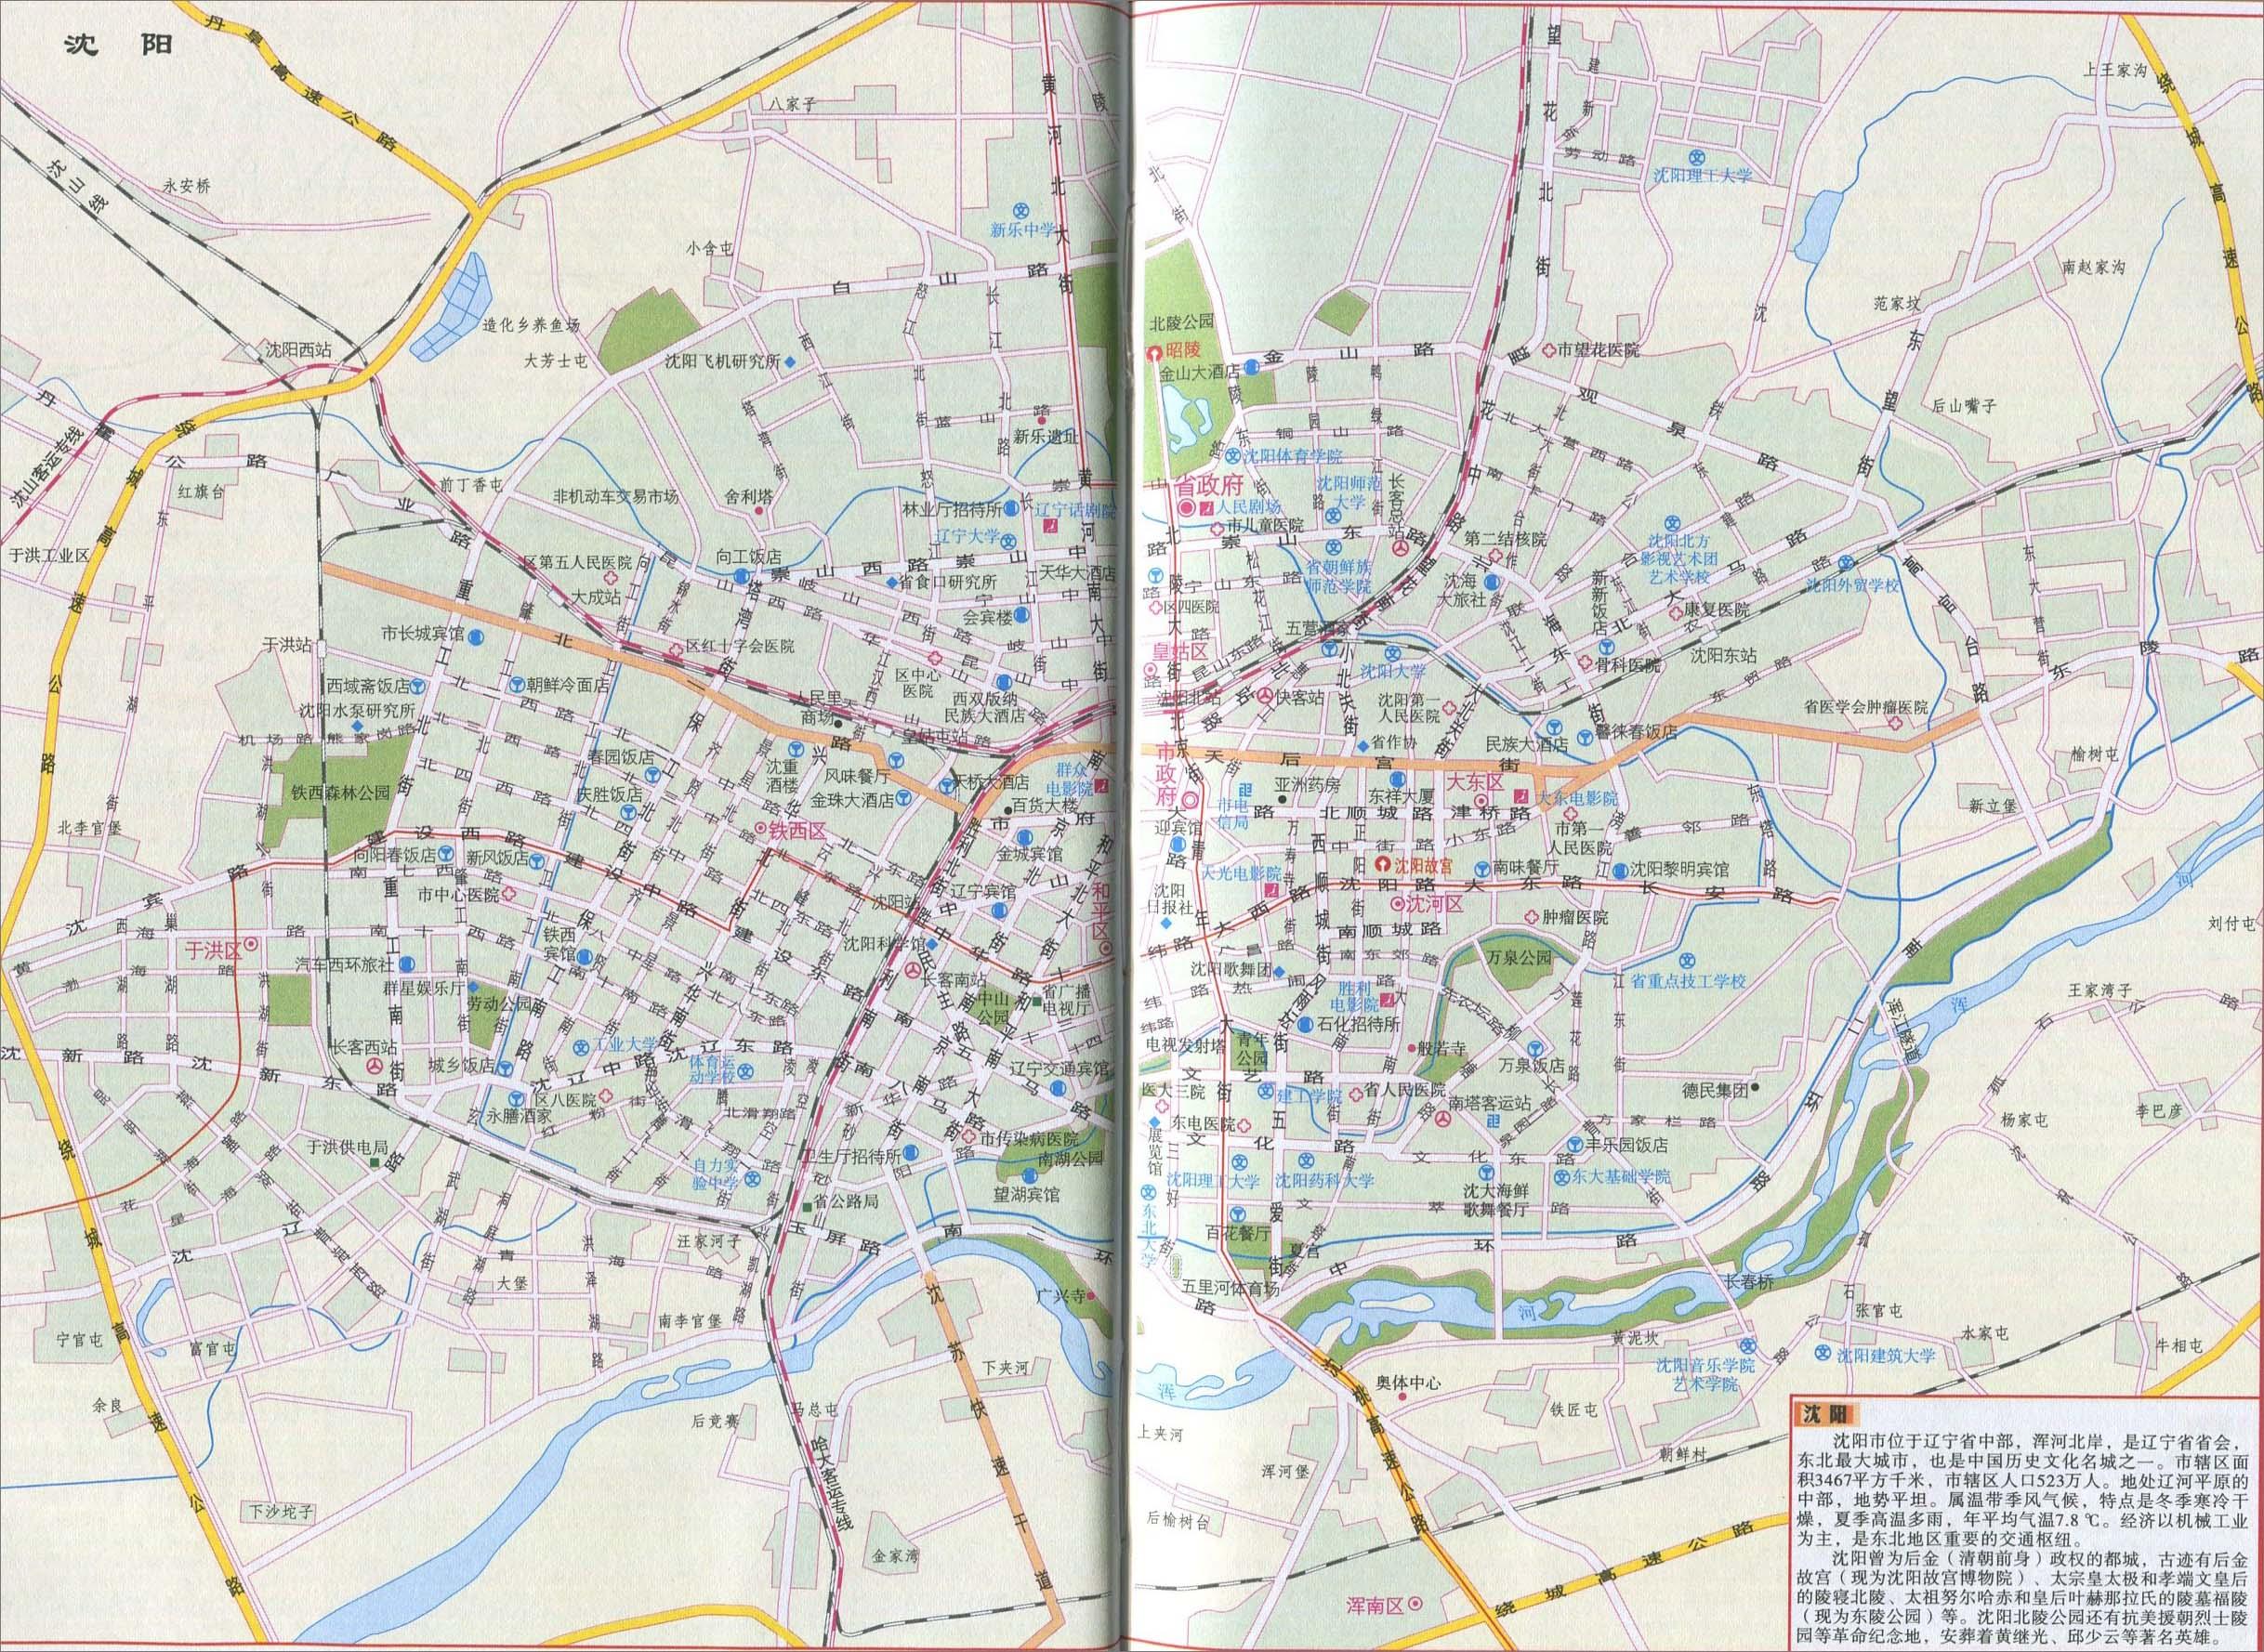 沈阳城区旅游地图